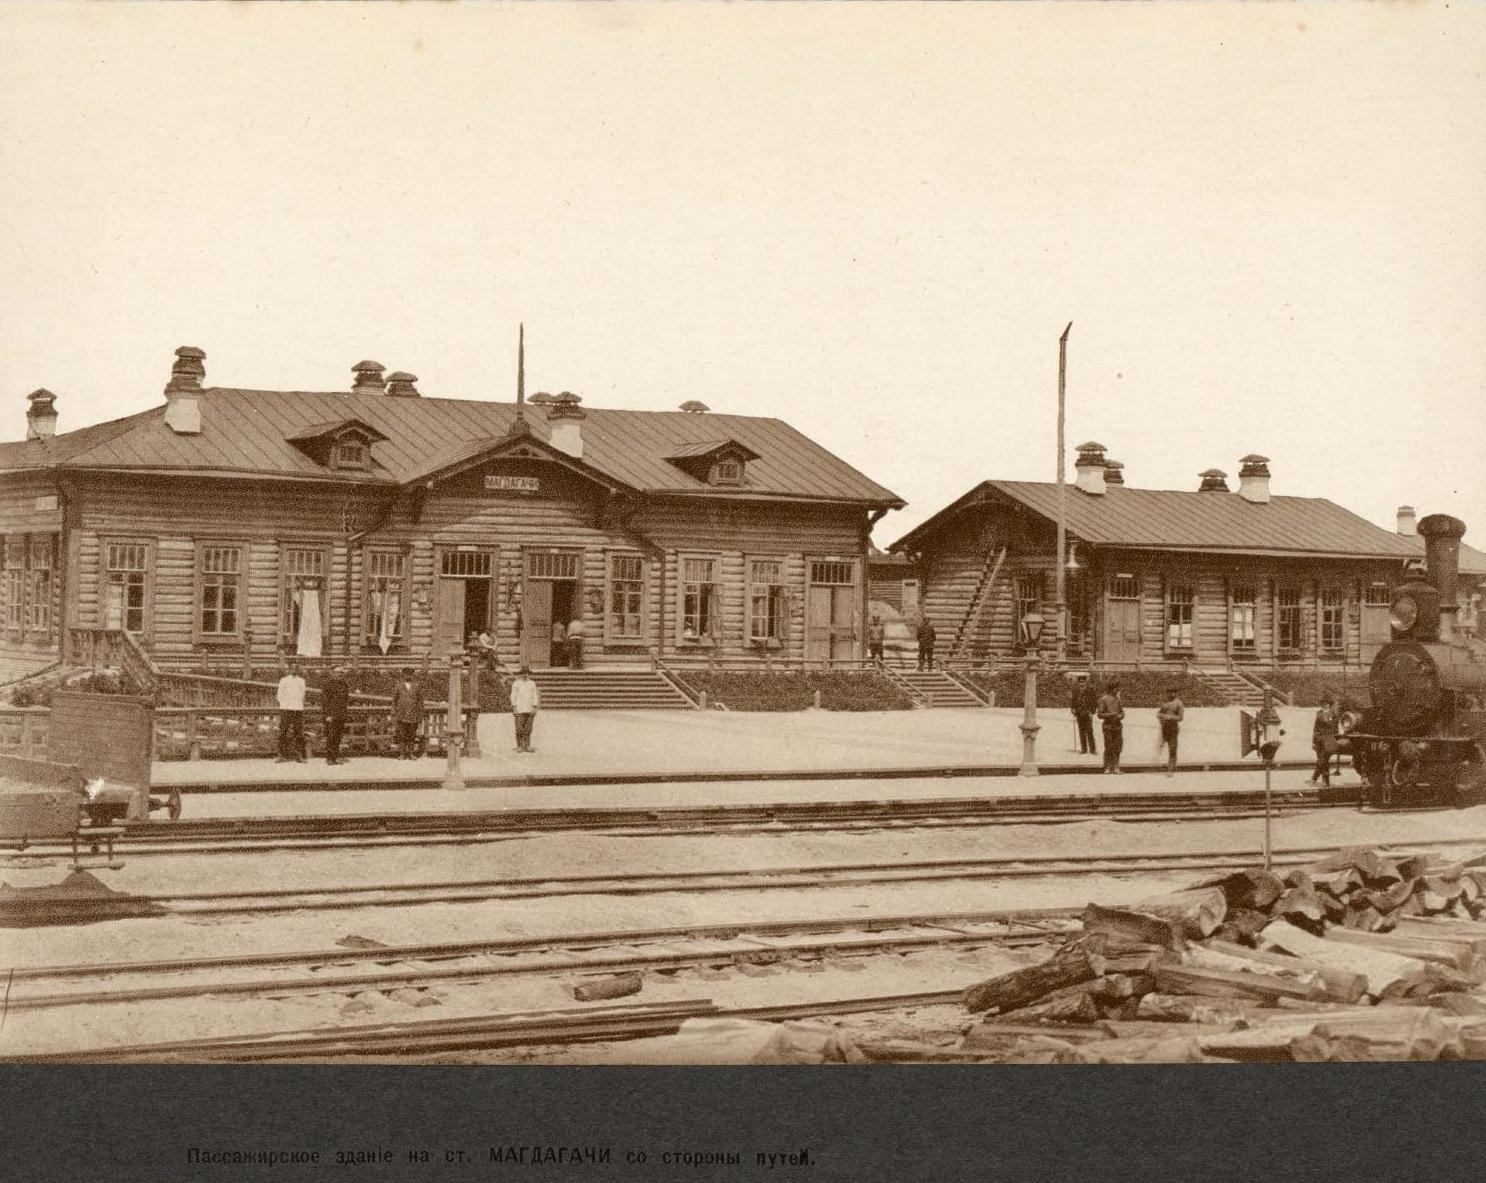 131 верста. Станция Магдагачи. Пассажирское здание со стороны путей